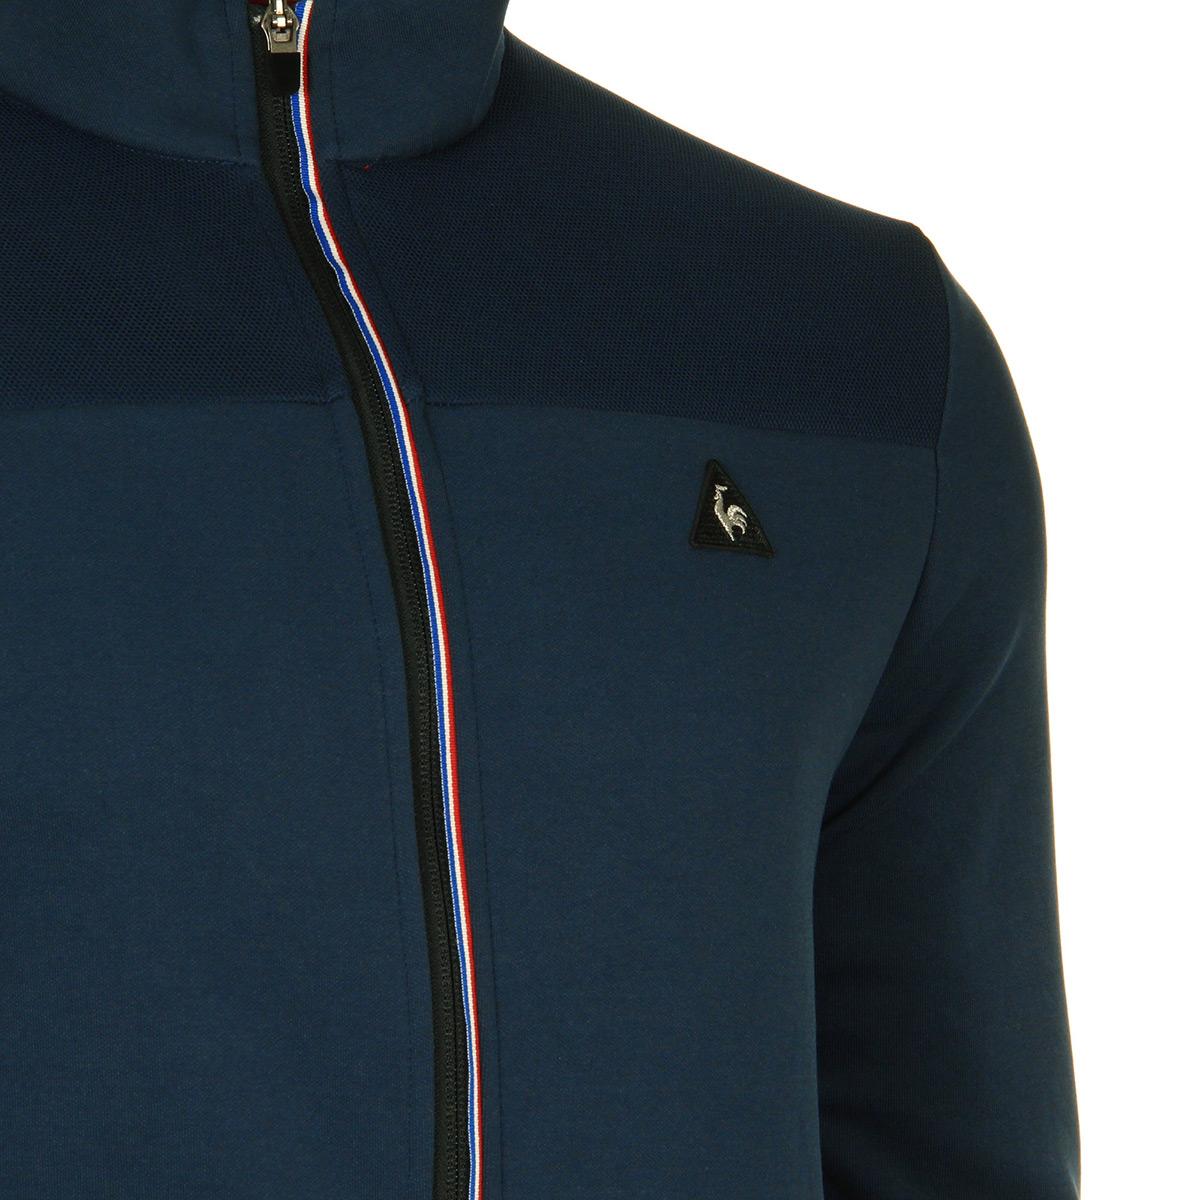 Vêtement Vestes Le Coq Sportif homme Sta Sp CotonTech Fz Sweat N°1 M ... 2141d272d8f